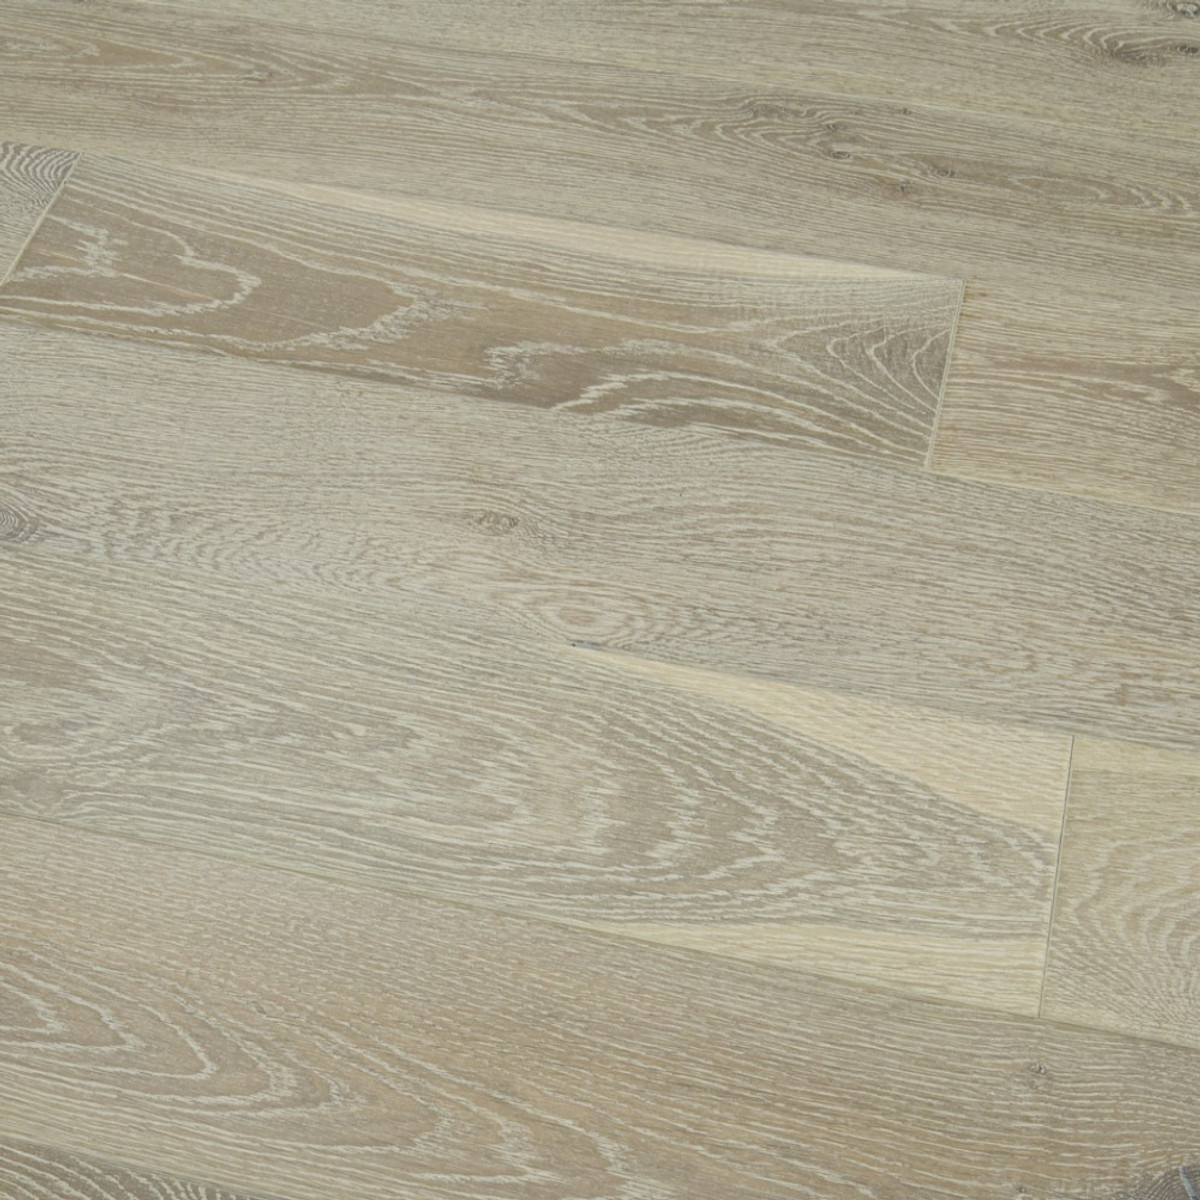 Tuscany Tudor Oak Smoked Brushed and White Oiled Engineered Wood Flooring www.tuscanytiles.co.uk